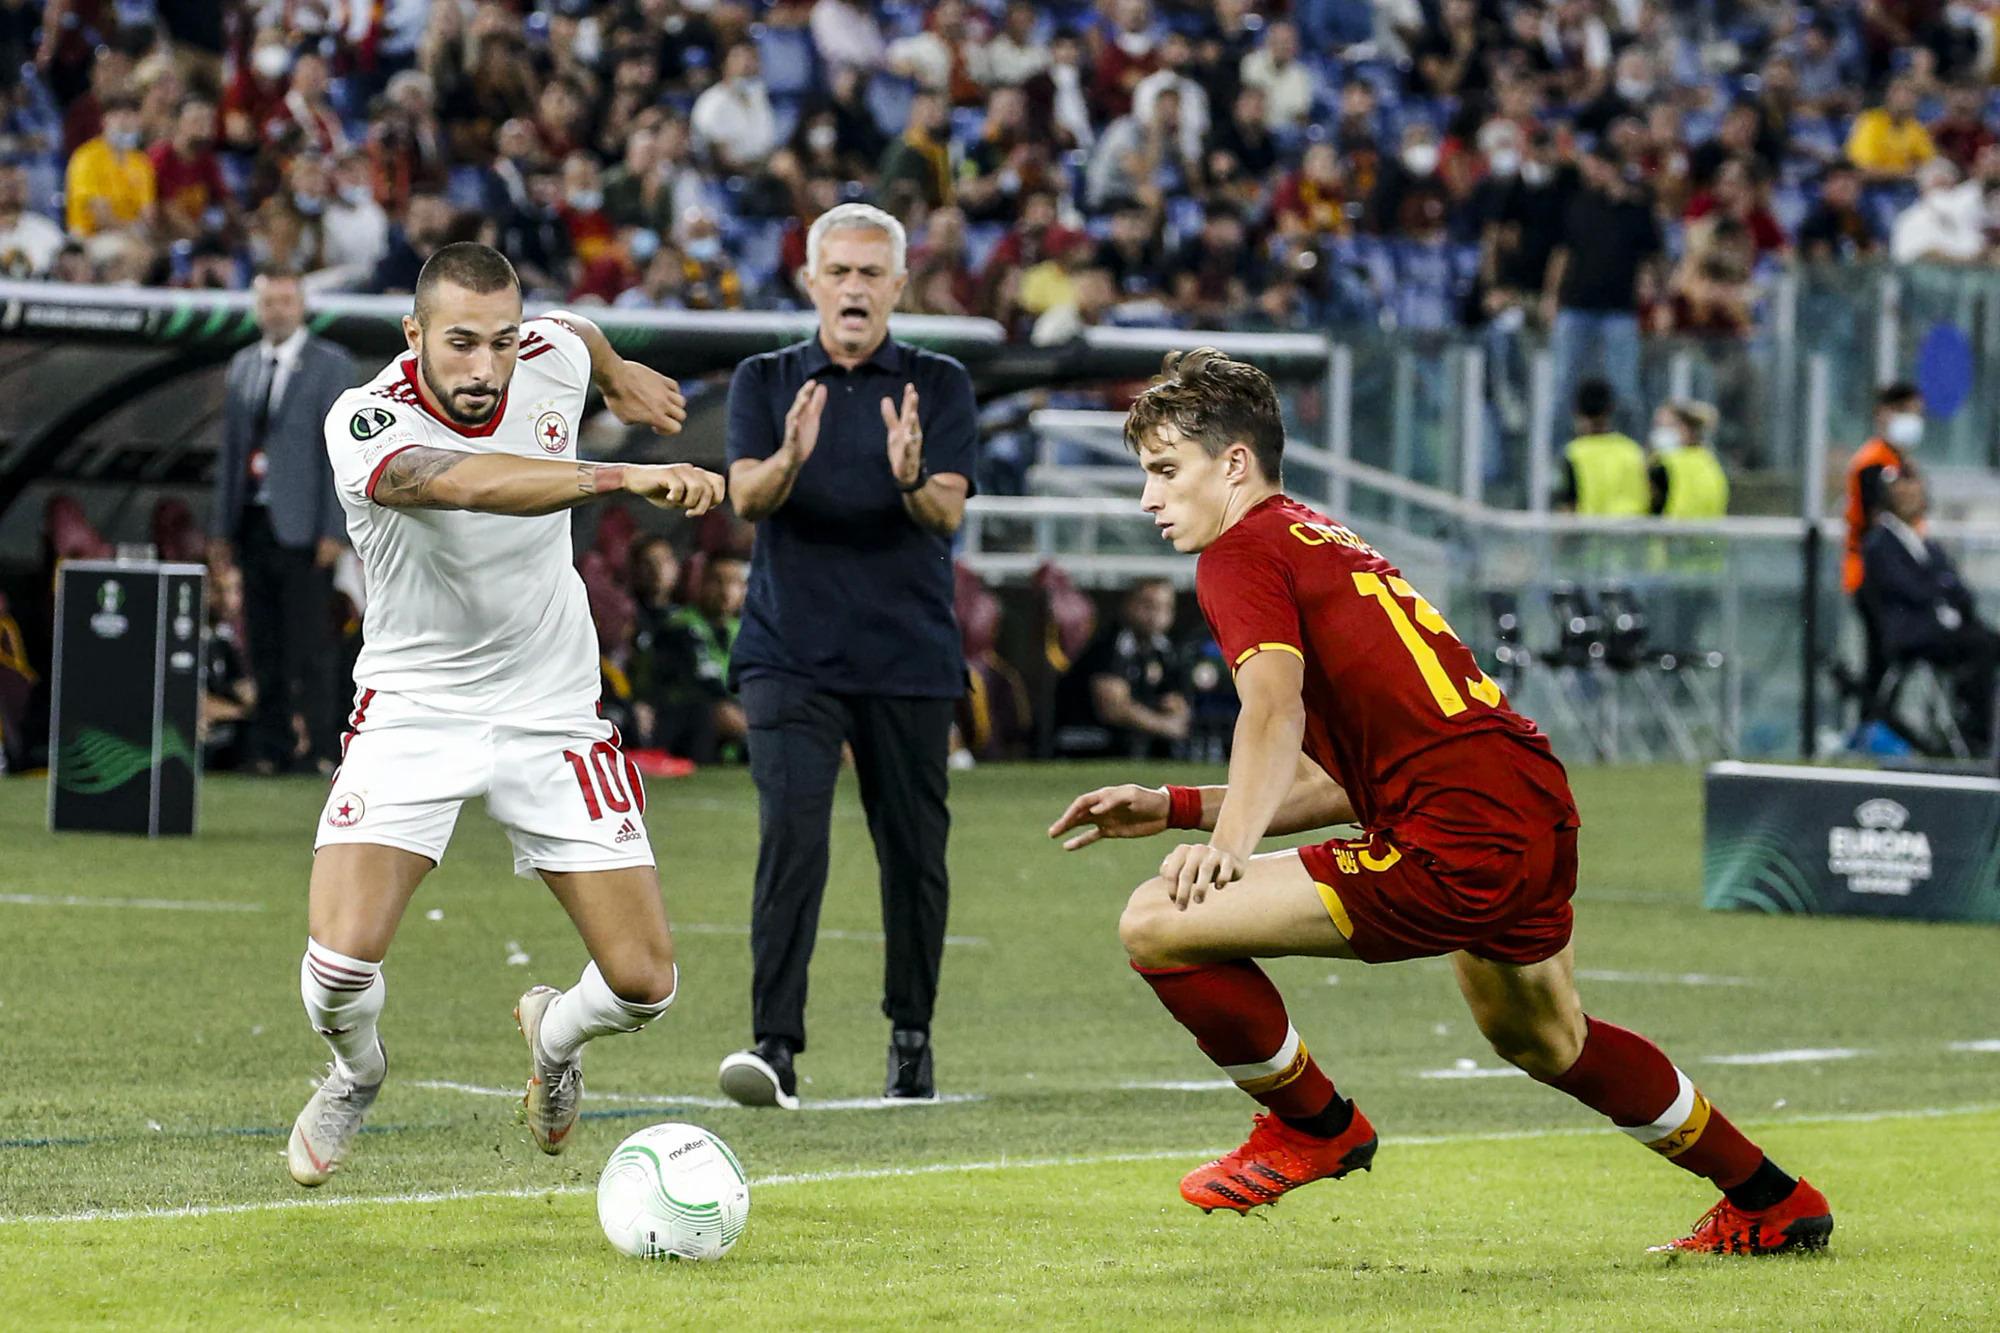 Mourinho tỏ ý không hài lòng sau một tình huống hậu vệ phải Karsdorp để đối phương vượt qua trong trận Roma - CSKA Moscow ở Europa Conference League hôm 16/9. Ảnh: ANSA